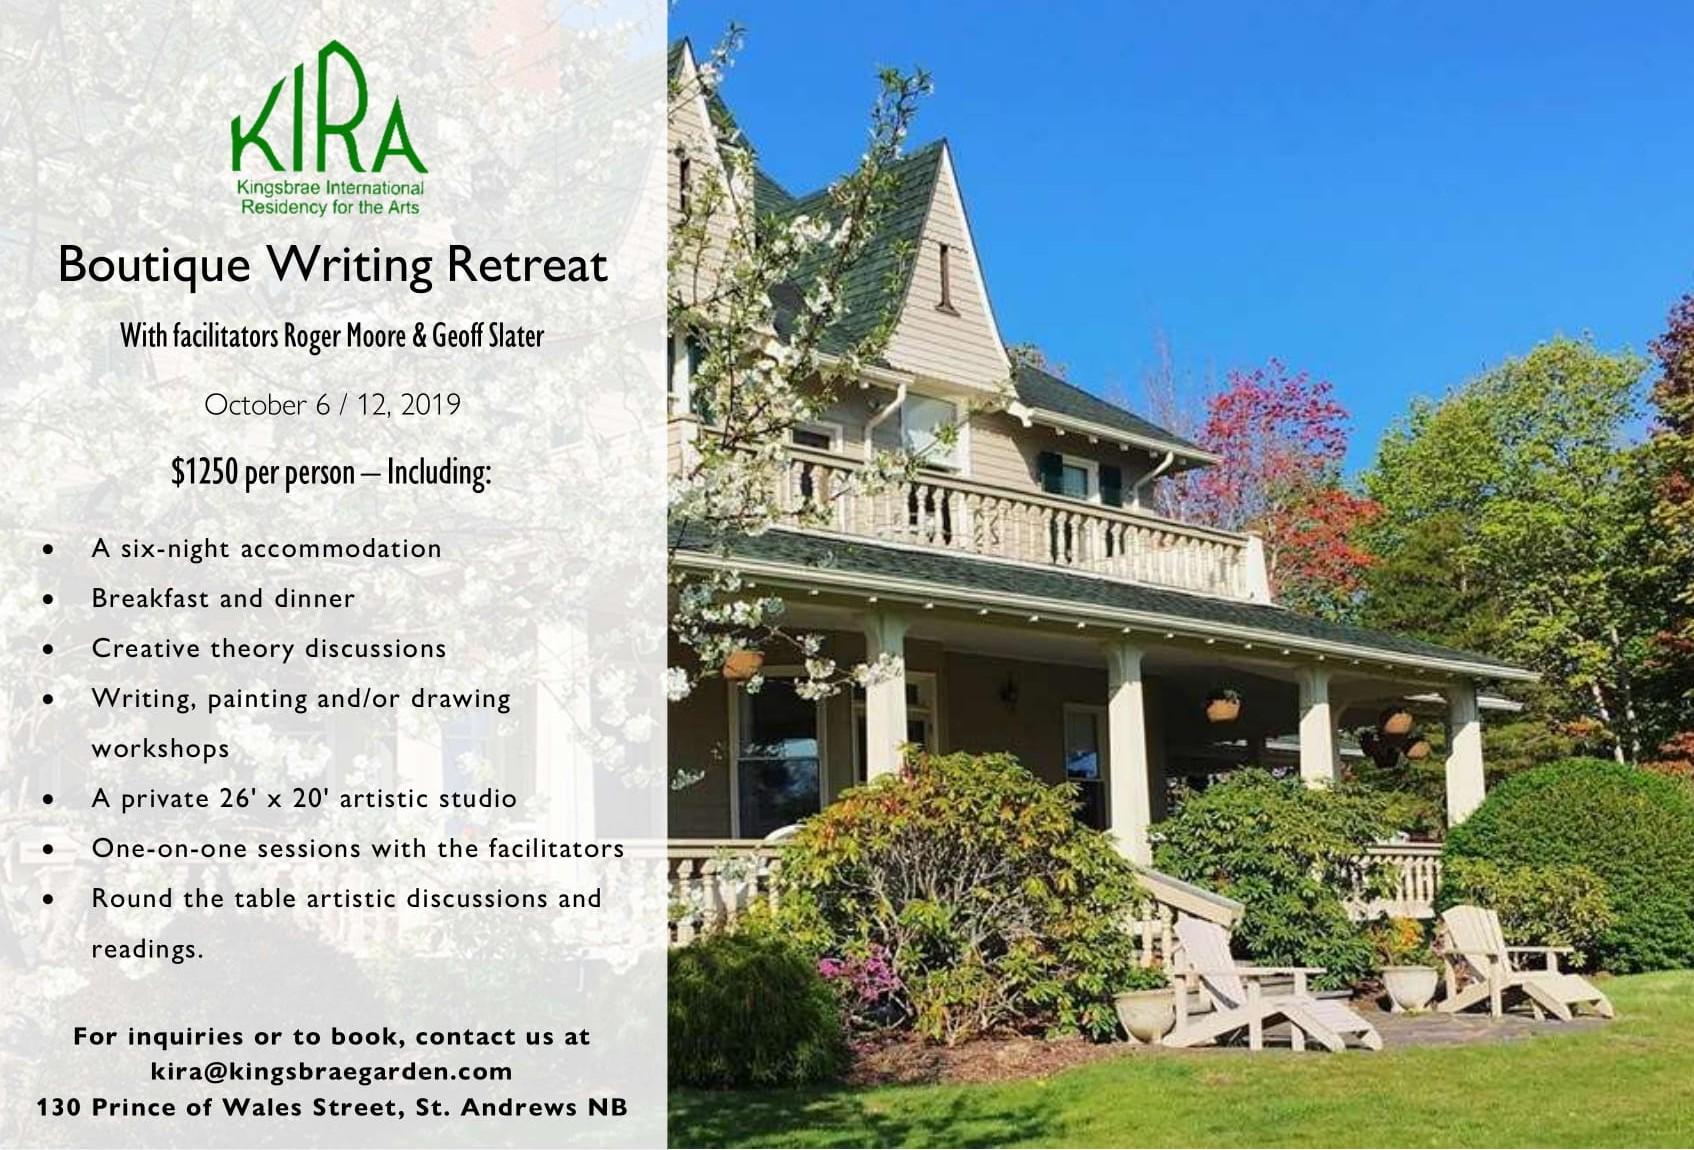 KIRA Boutique Writing Retreat Advertisement